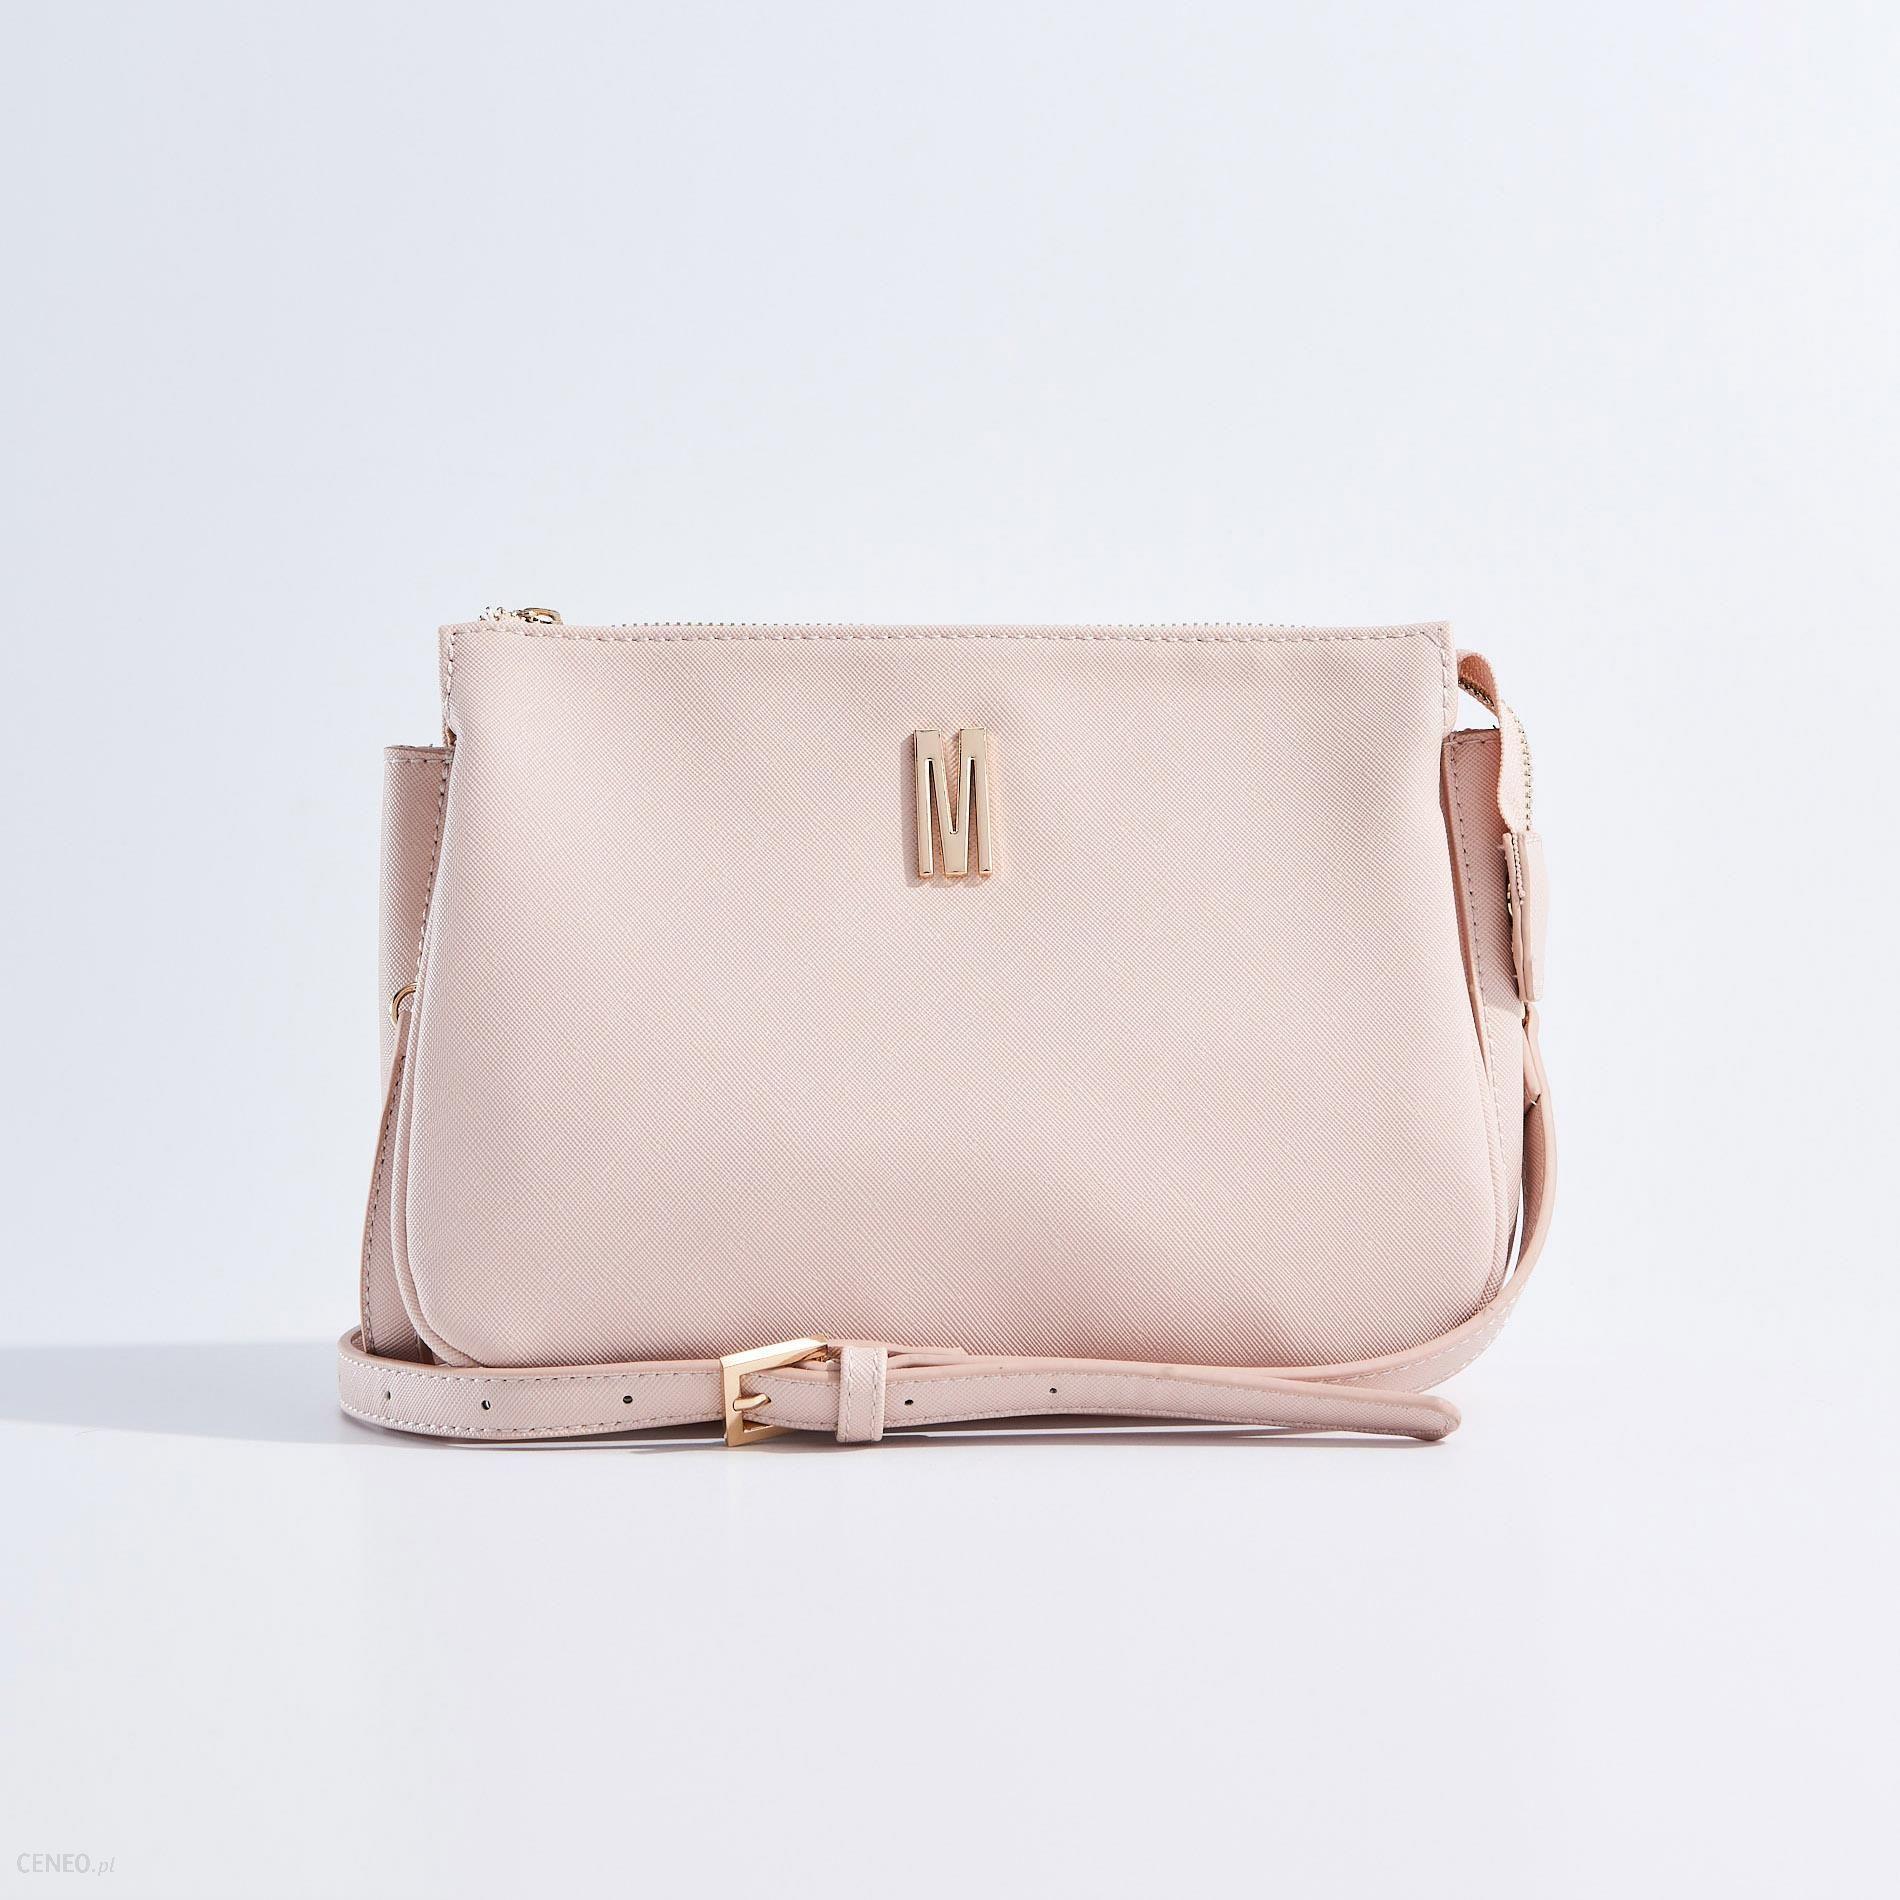 8a6767f4917a8 Mohito - Torebka typu clutch - Różowy - Ceny i opinie - Ceneo.pl